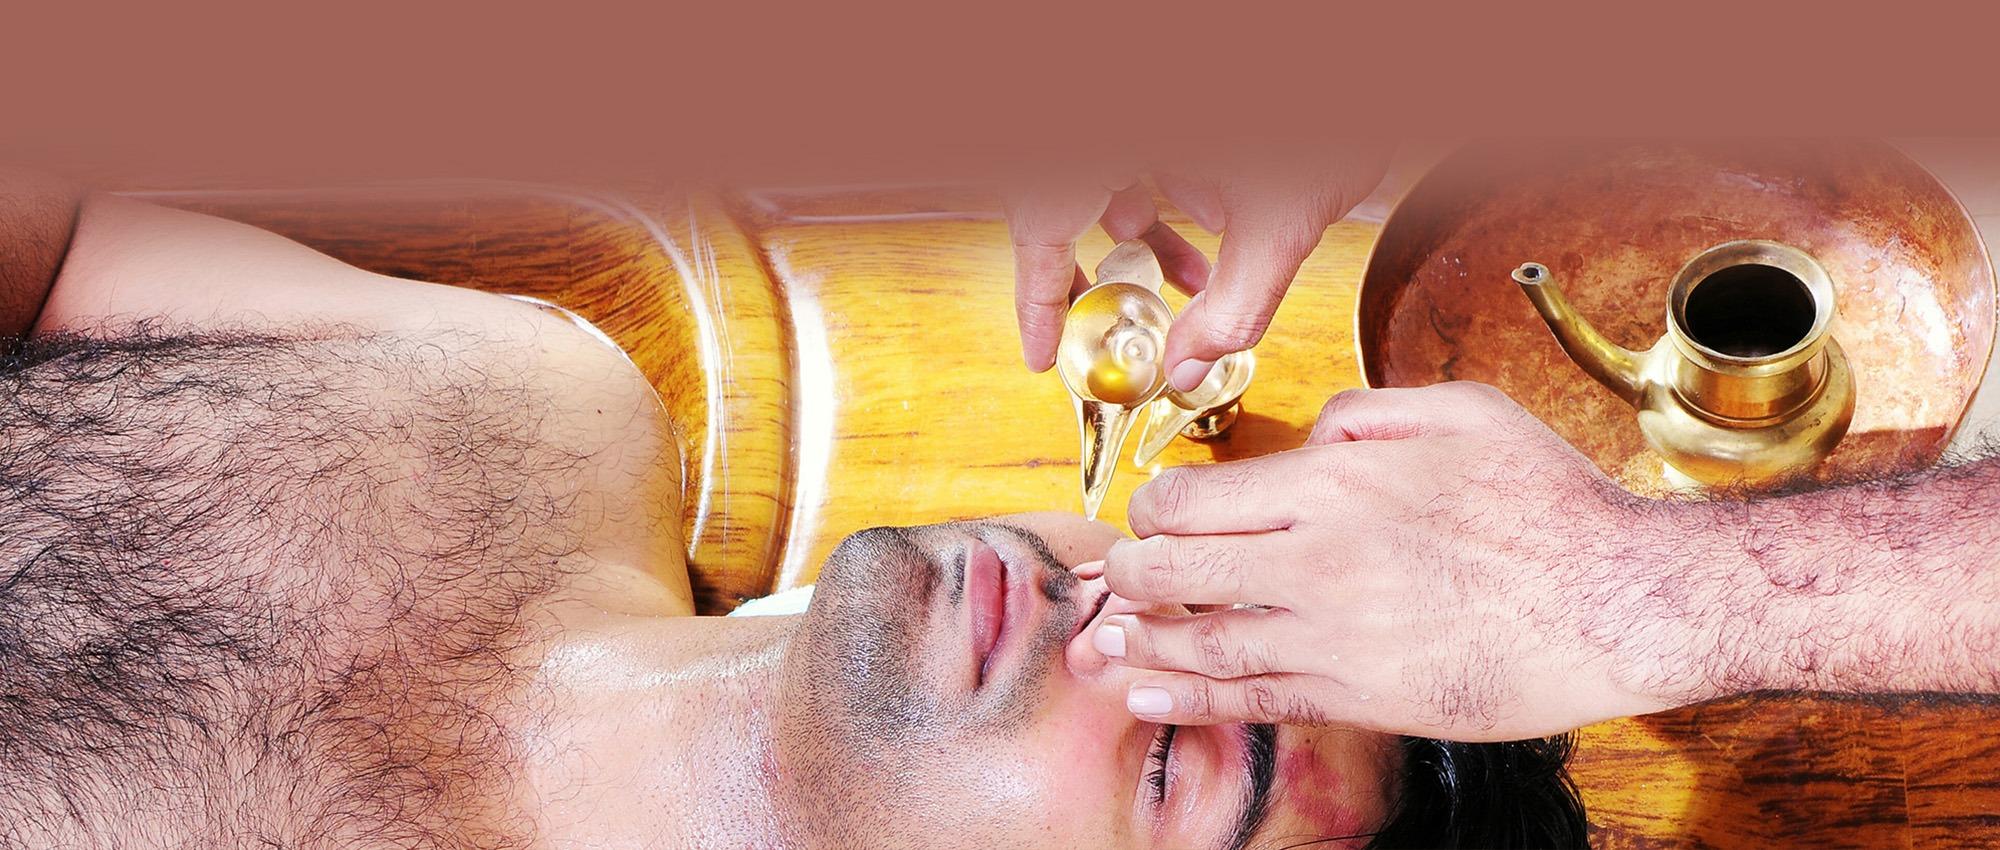 Treatments | Arya Vaidya Sala Kottakkal